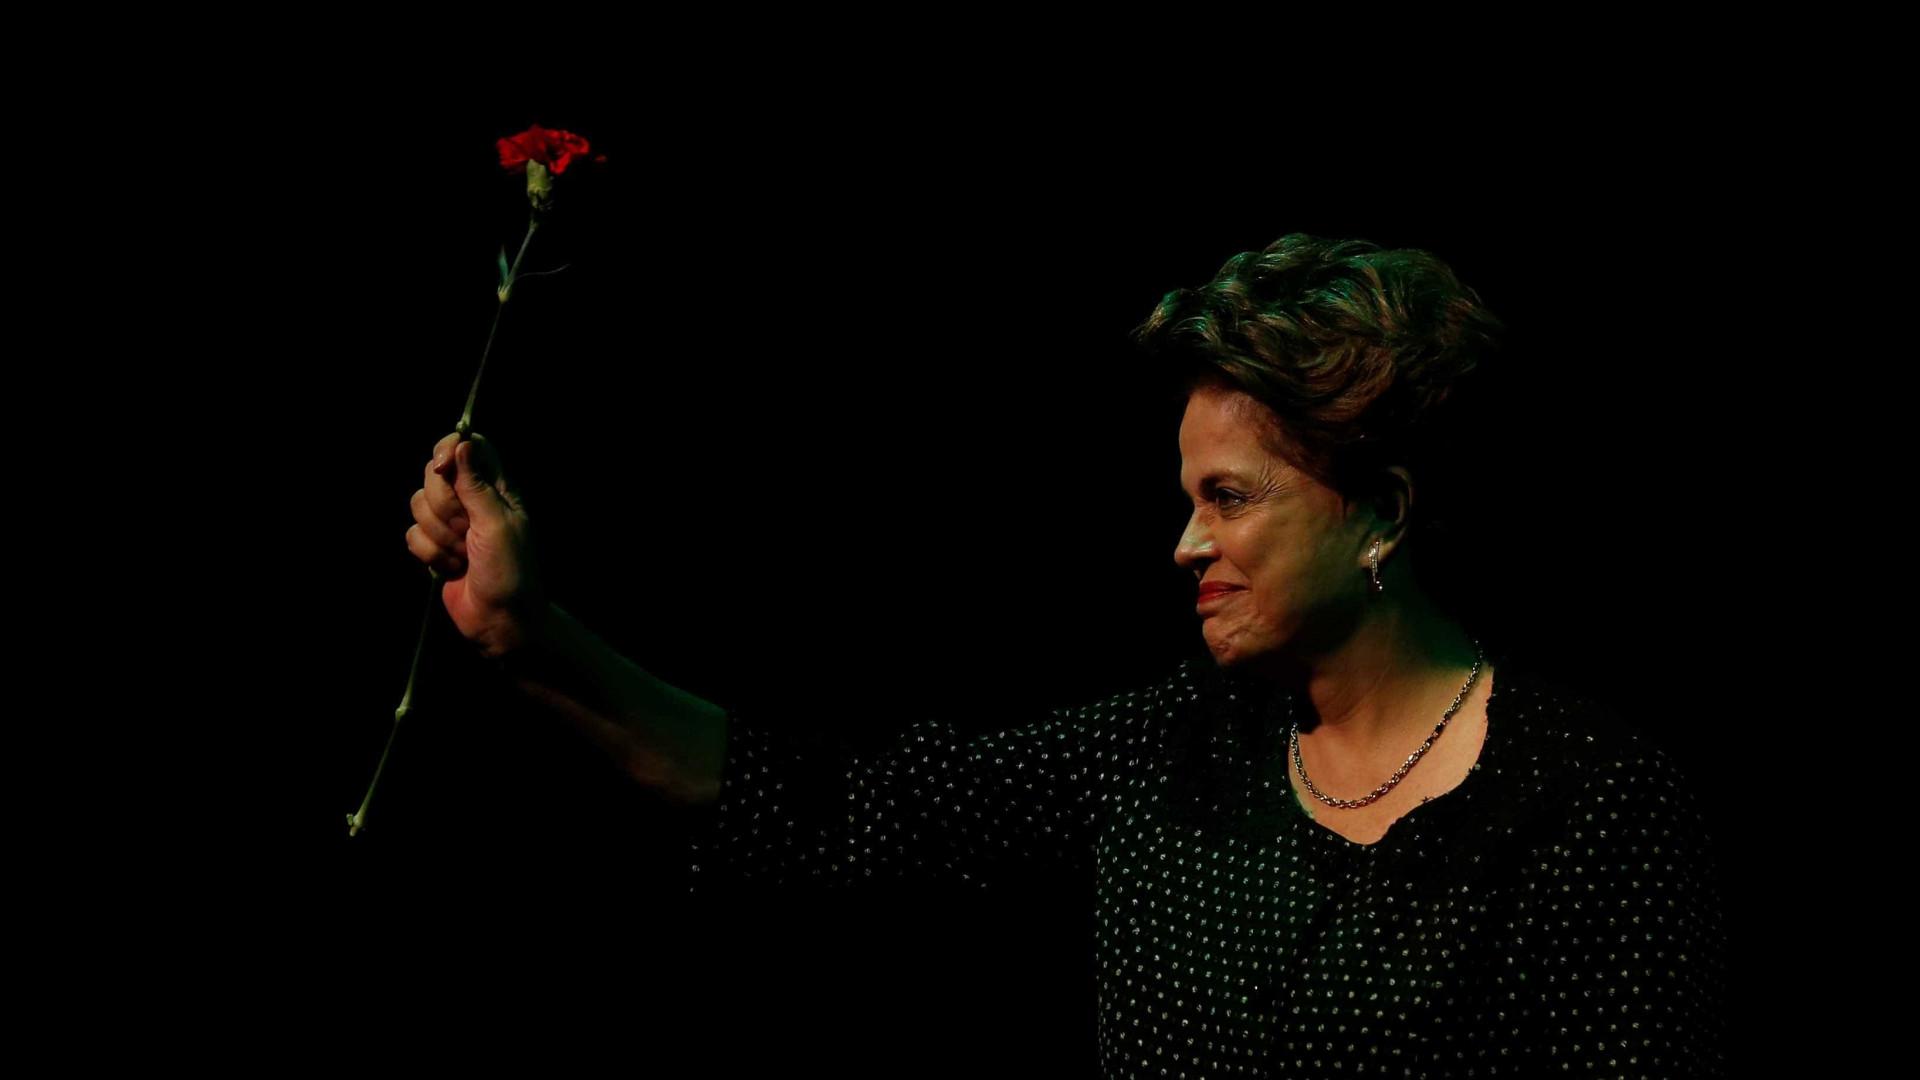 'Vida Invisível' fica fora do Oscar, mas 'Democracia em Vertigem' entra